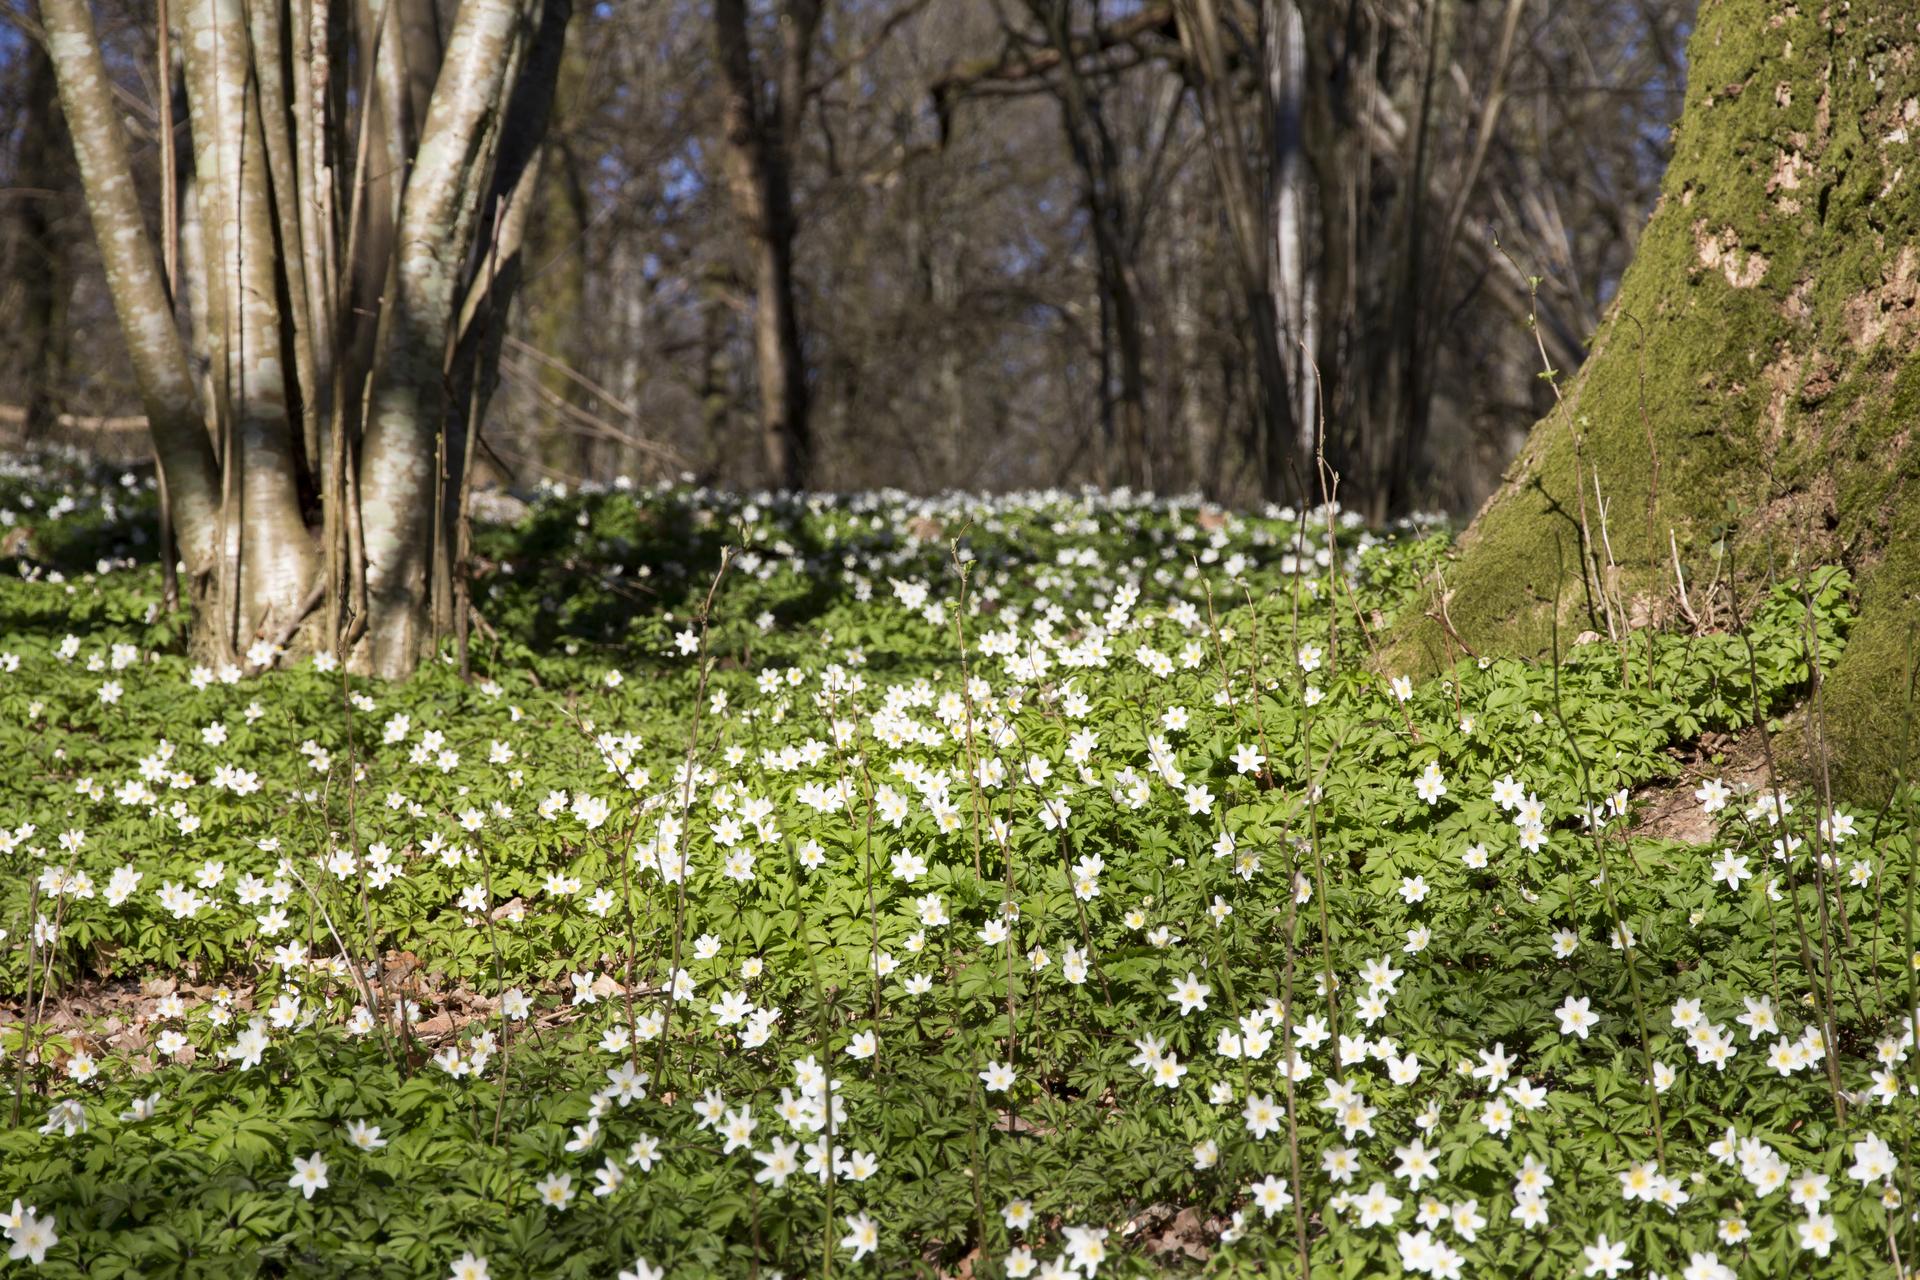 Wood anemone forest . Vitsippor skog